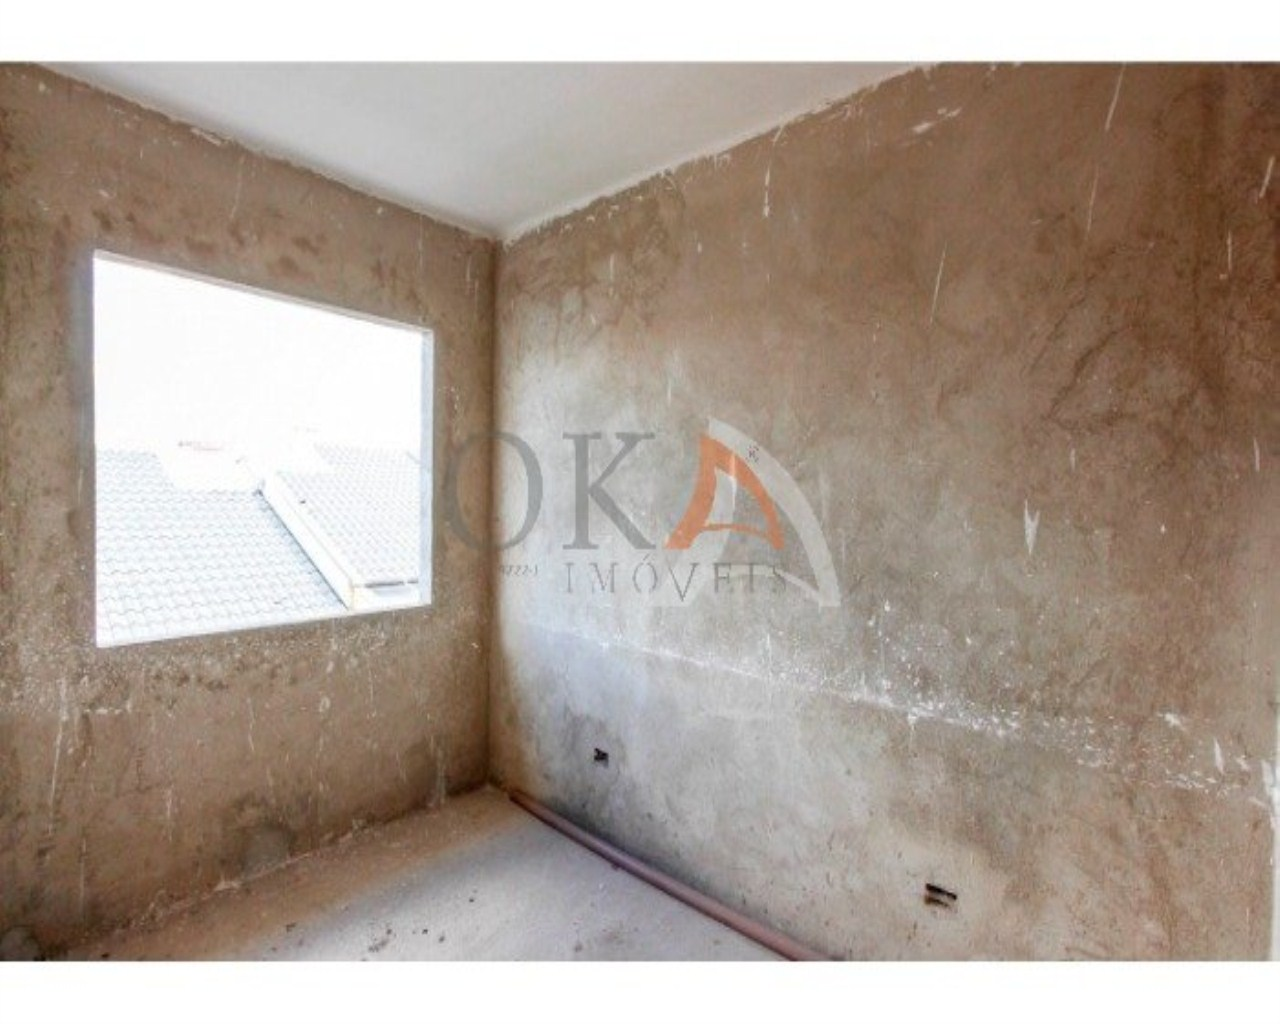 Triplex 4 Dormitórios 140m² no Campo de Santana é na Oka IMóveis